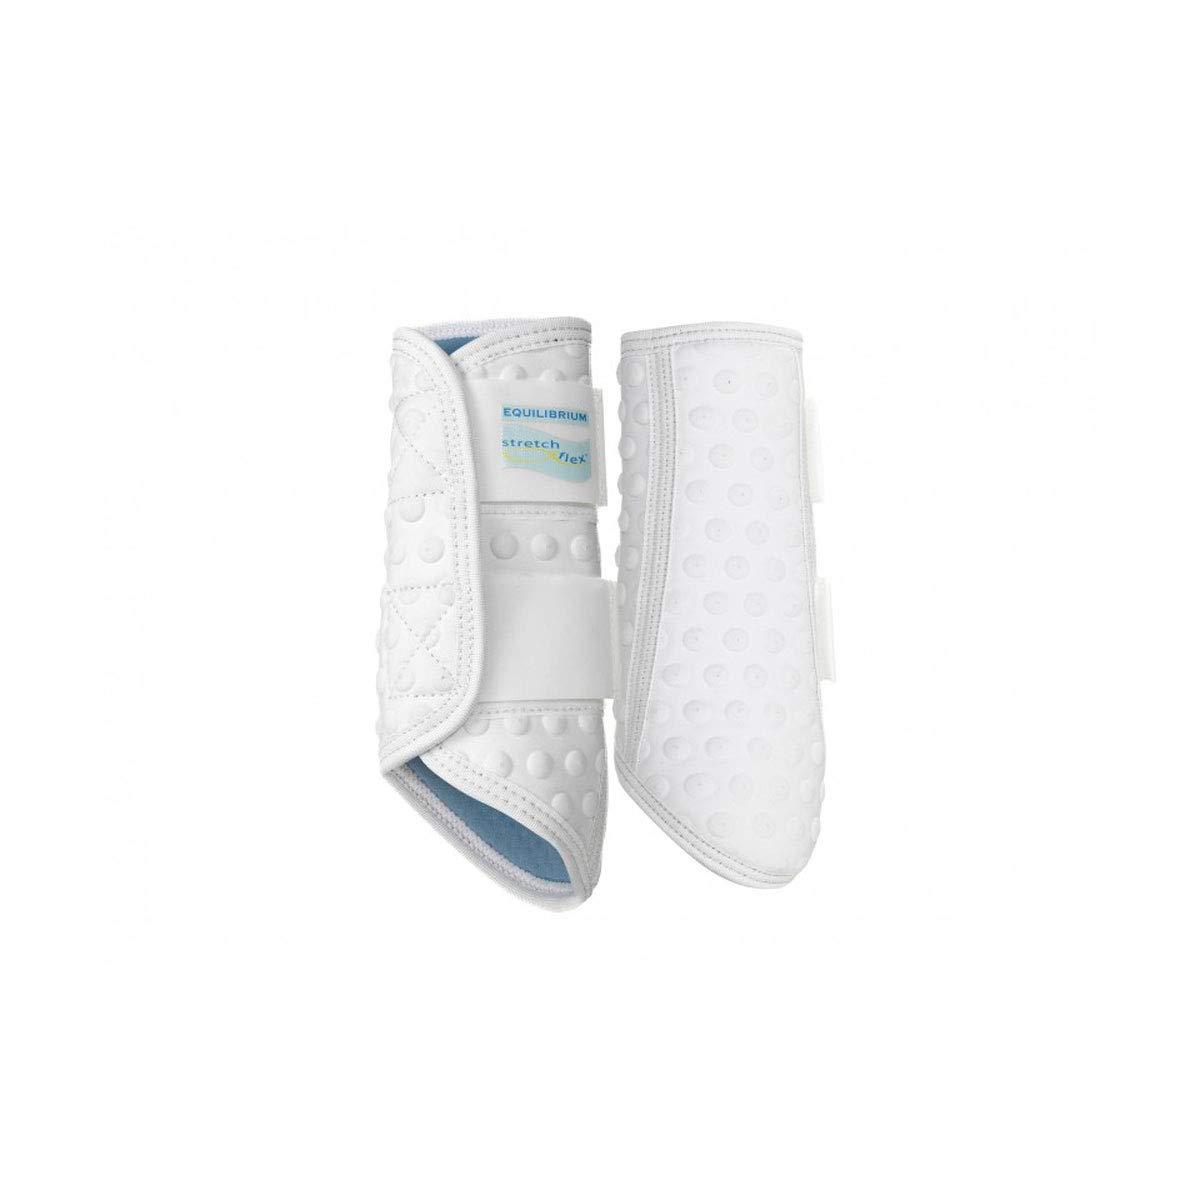 Equilibrium Stretch And Flex® Flatwork Exercise Wrap Medium White